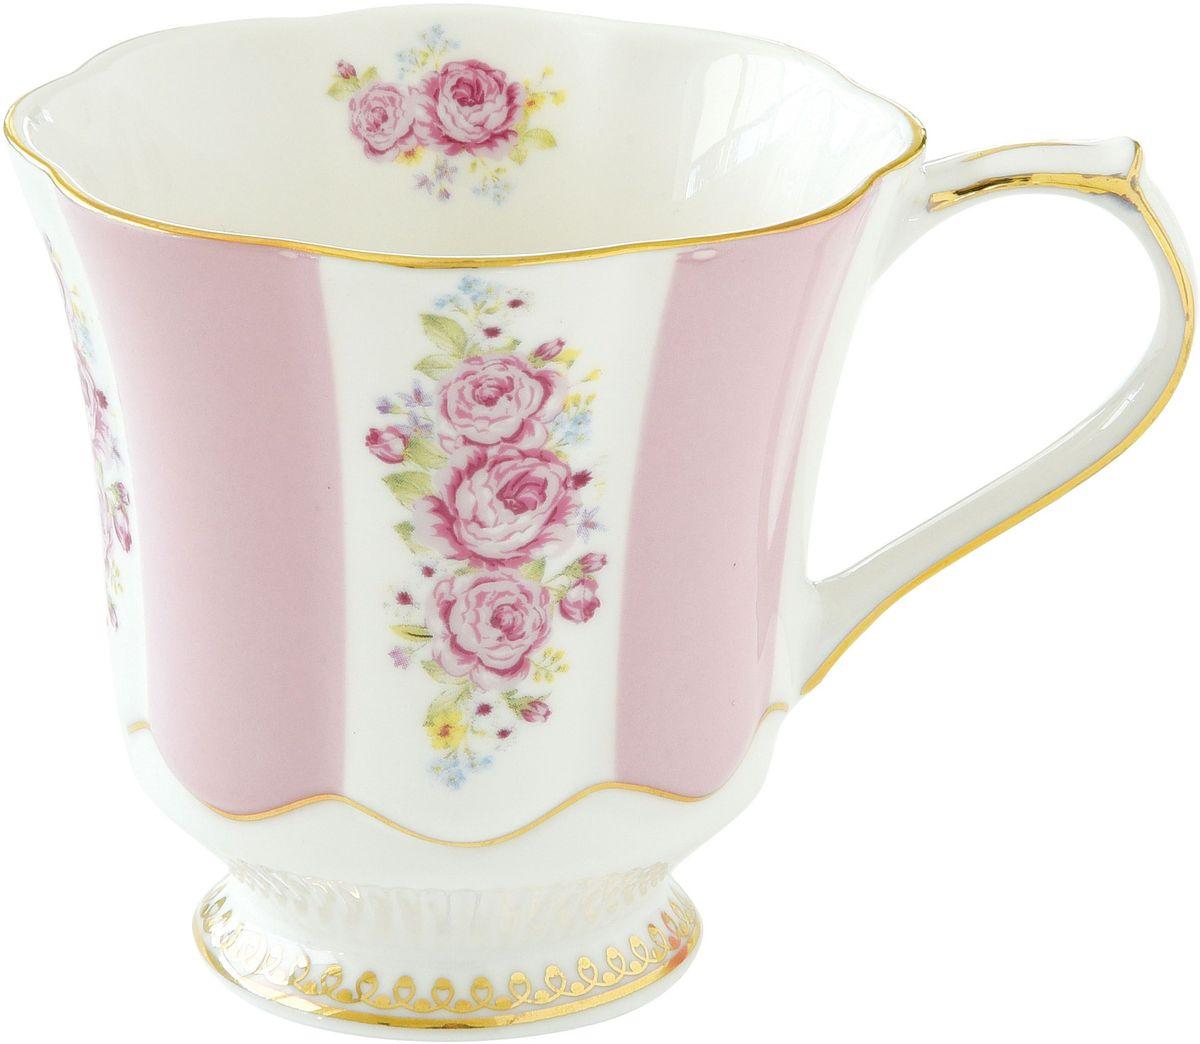 Кружка Nuova R2S Розовая россыпь, 275 мл1502HEPIКружка Nuova R2S Розовая россыпь изготовлена из высококачественного фарфора. Внешние стенки изделия оформлены рисунками в виде роз. Такая кружка станет неизменным атрибутом домашнего чаепития, а пить любимый напиток из нее будет еще приятнее.Можно использовать в СВЧ и мыть в посудомоечной машине.Объем: 275 мл.